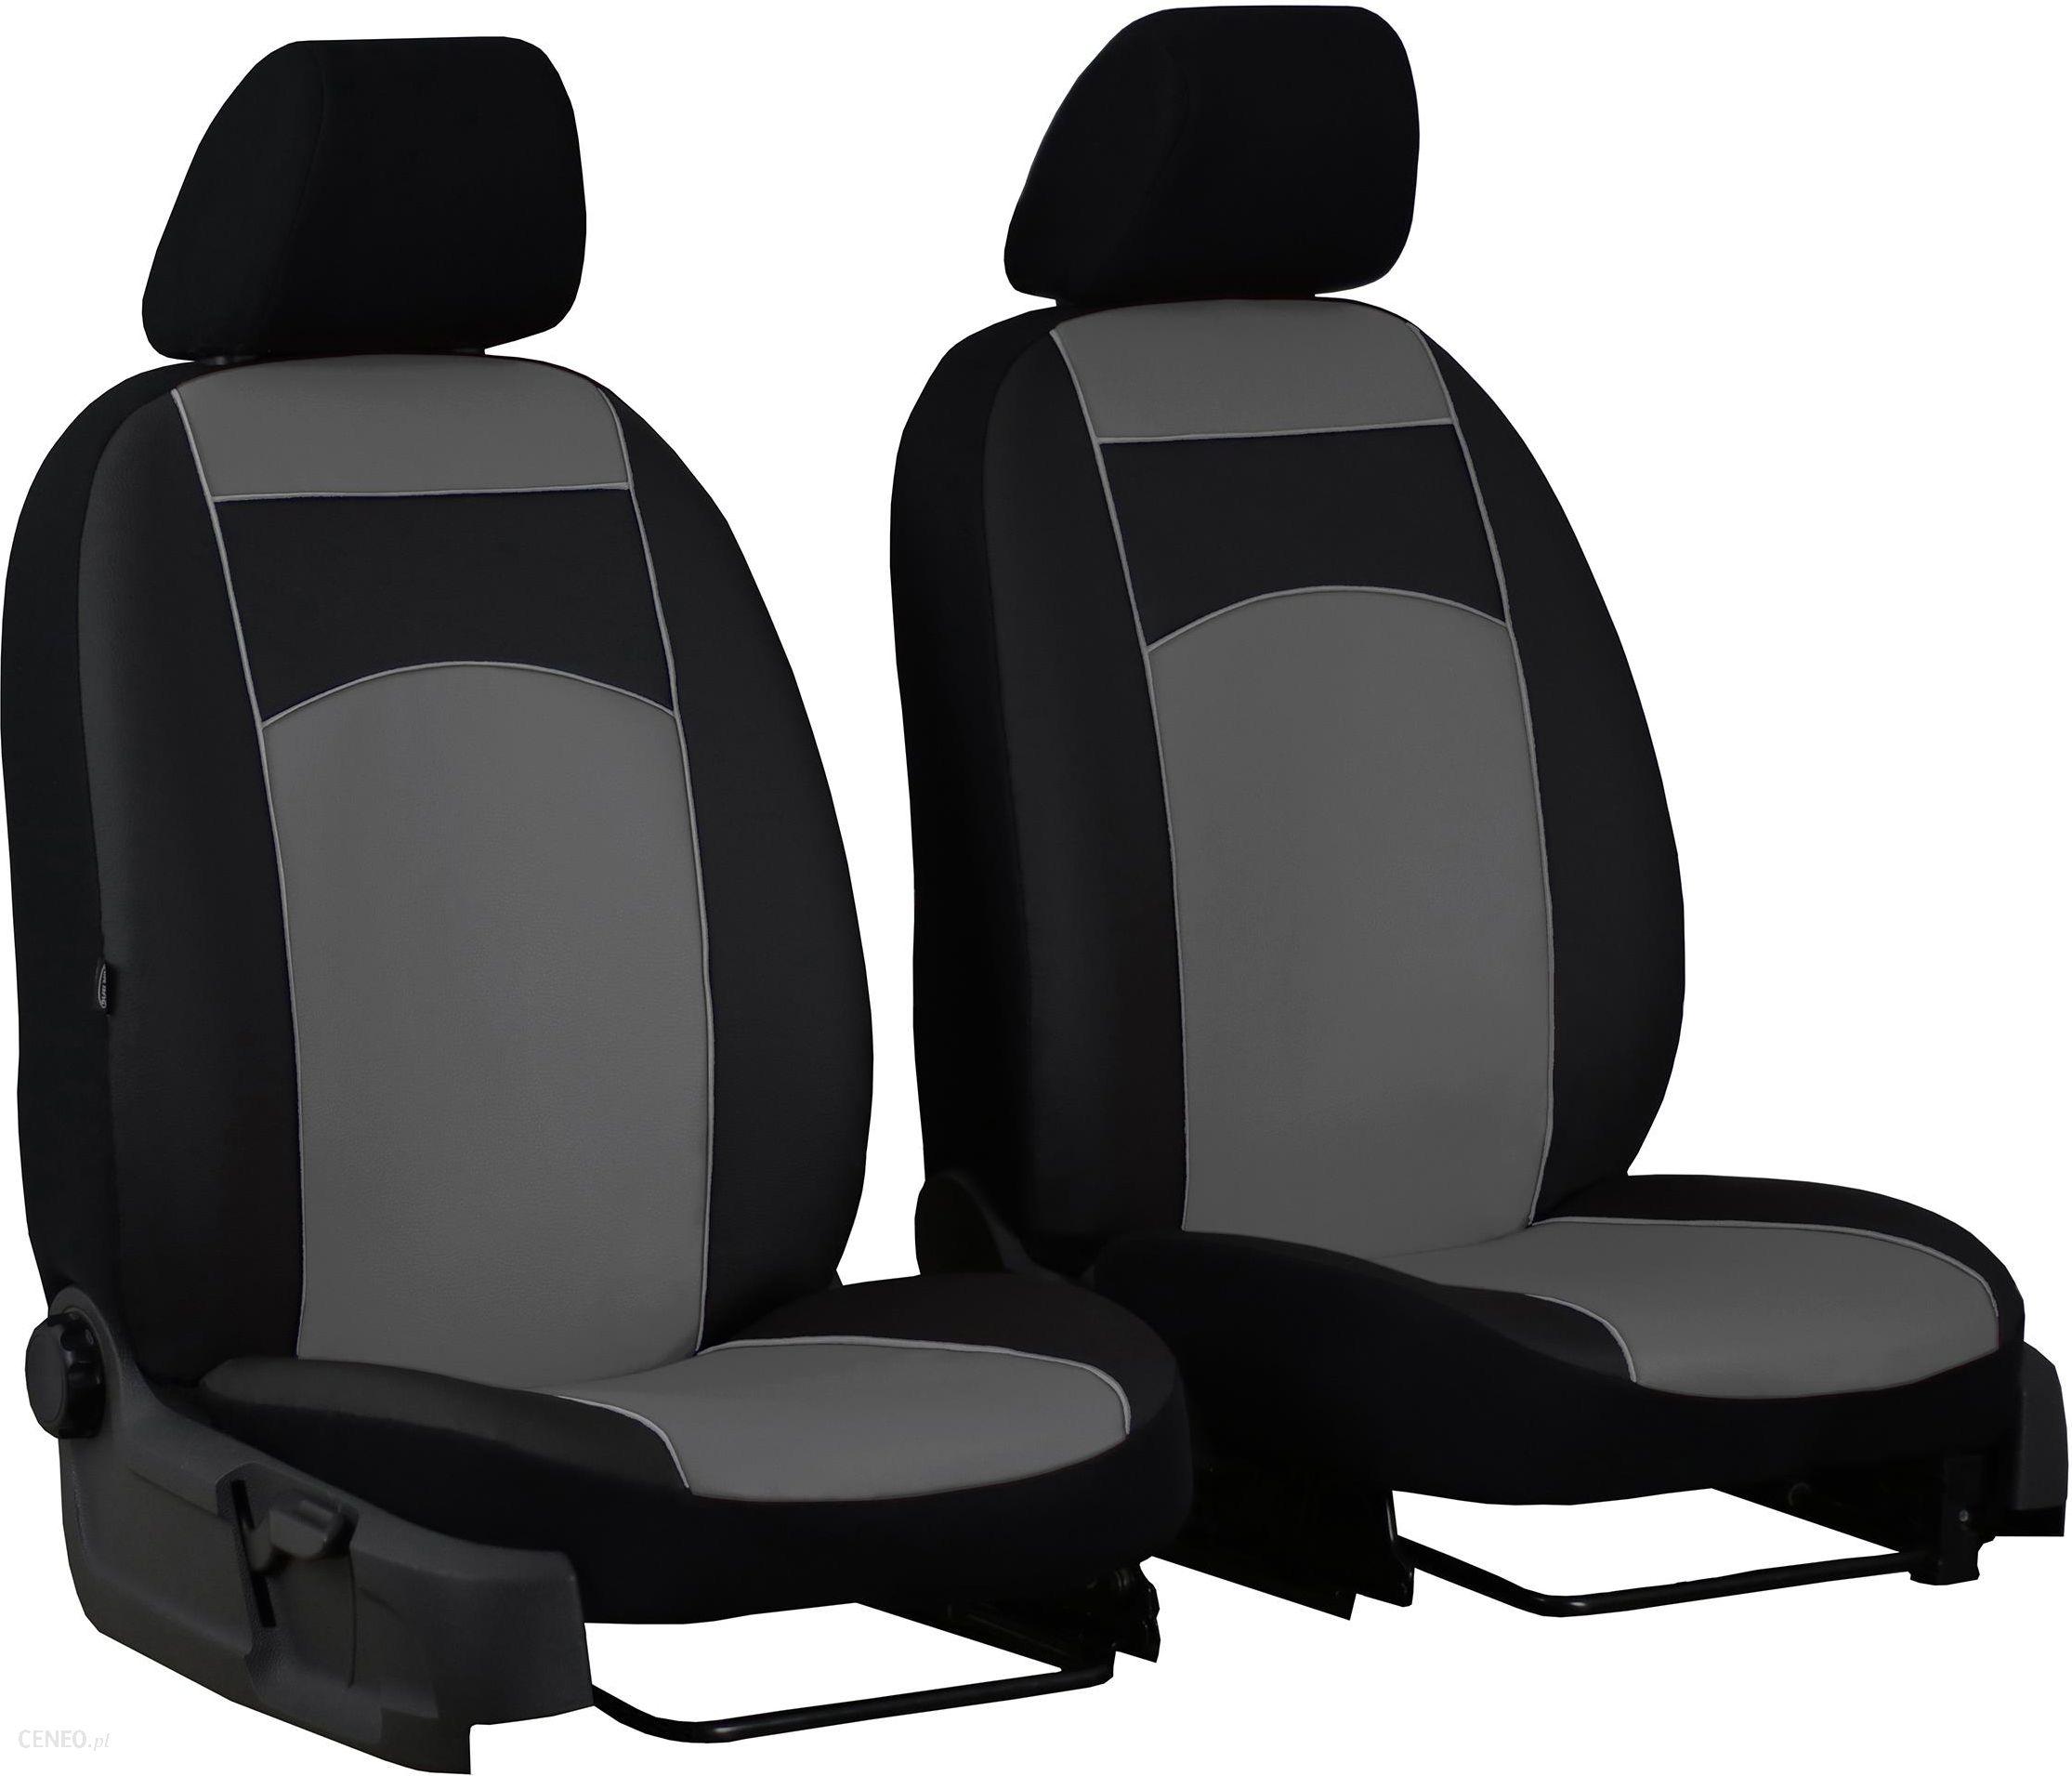 Pokrowiec Samochodowy Skórzane Pokrowce Na Fotele Przód Renault Scenic 2 Opinie I Ceny Na Ceneopl